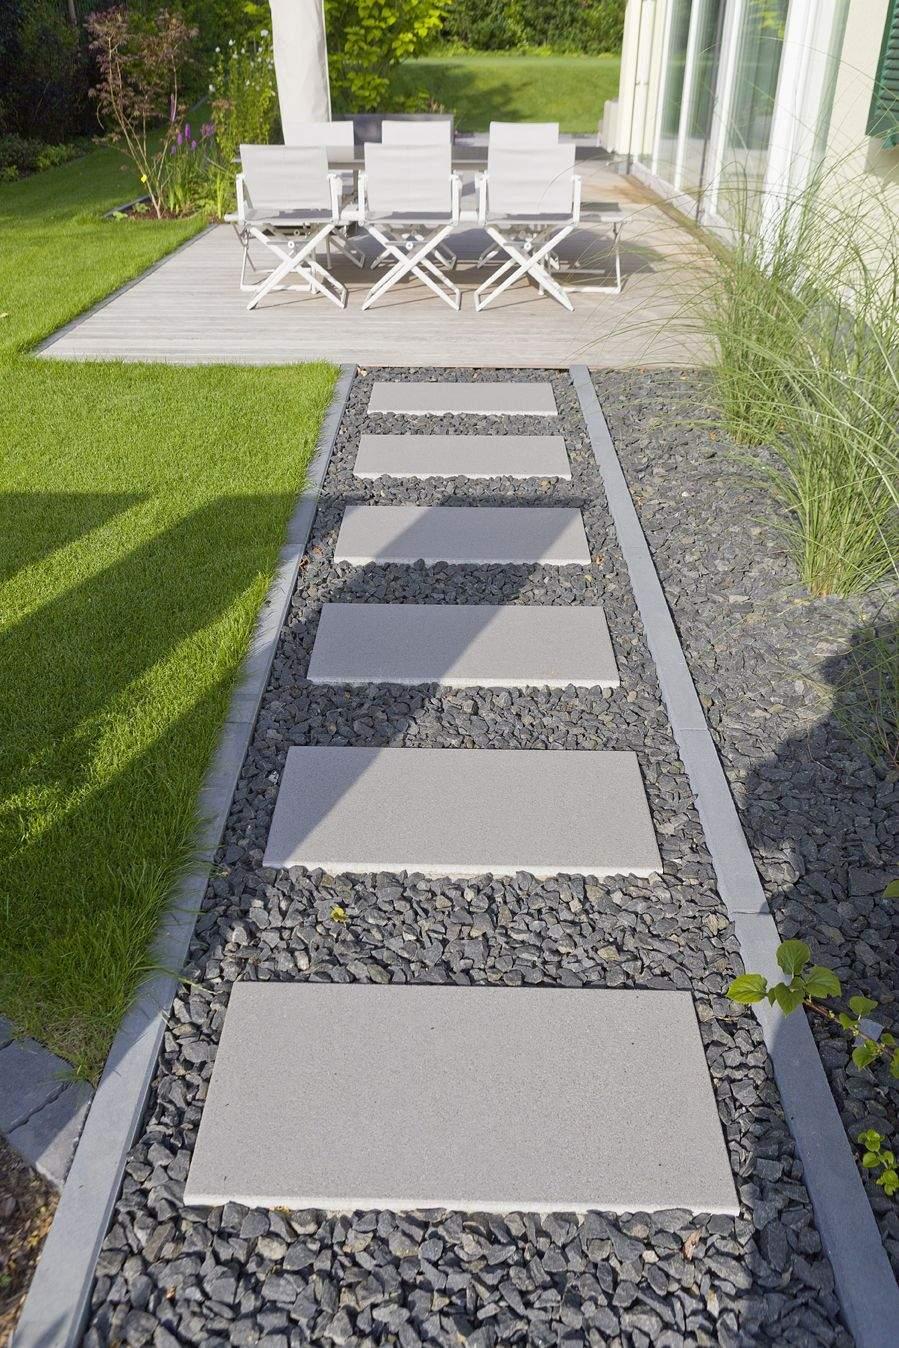 Platten Verlegen Garten Luxus Die 33 Besten Bilder Von Trittplatten